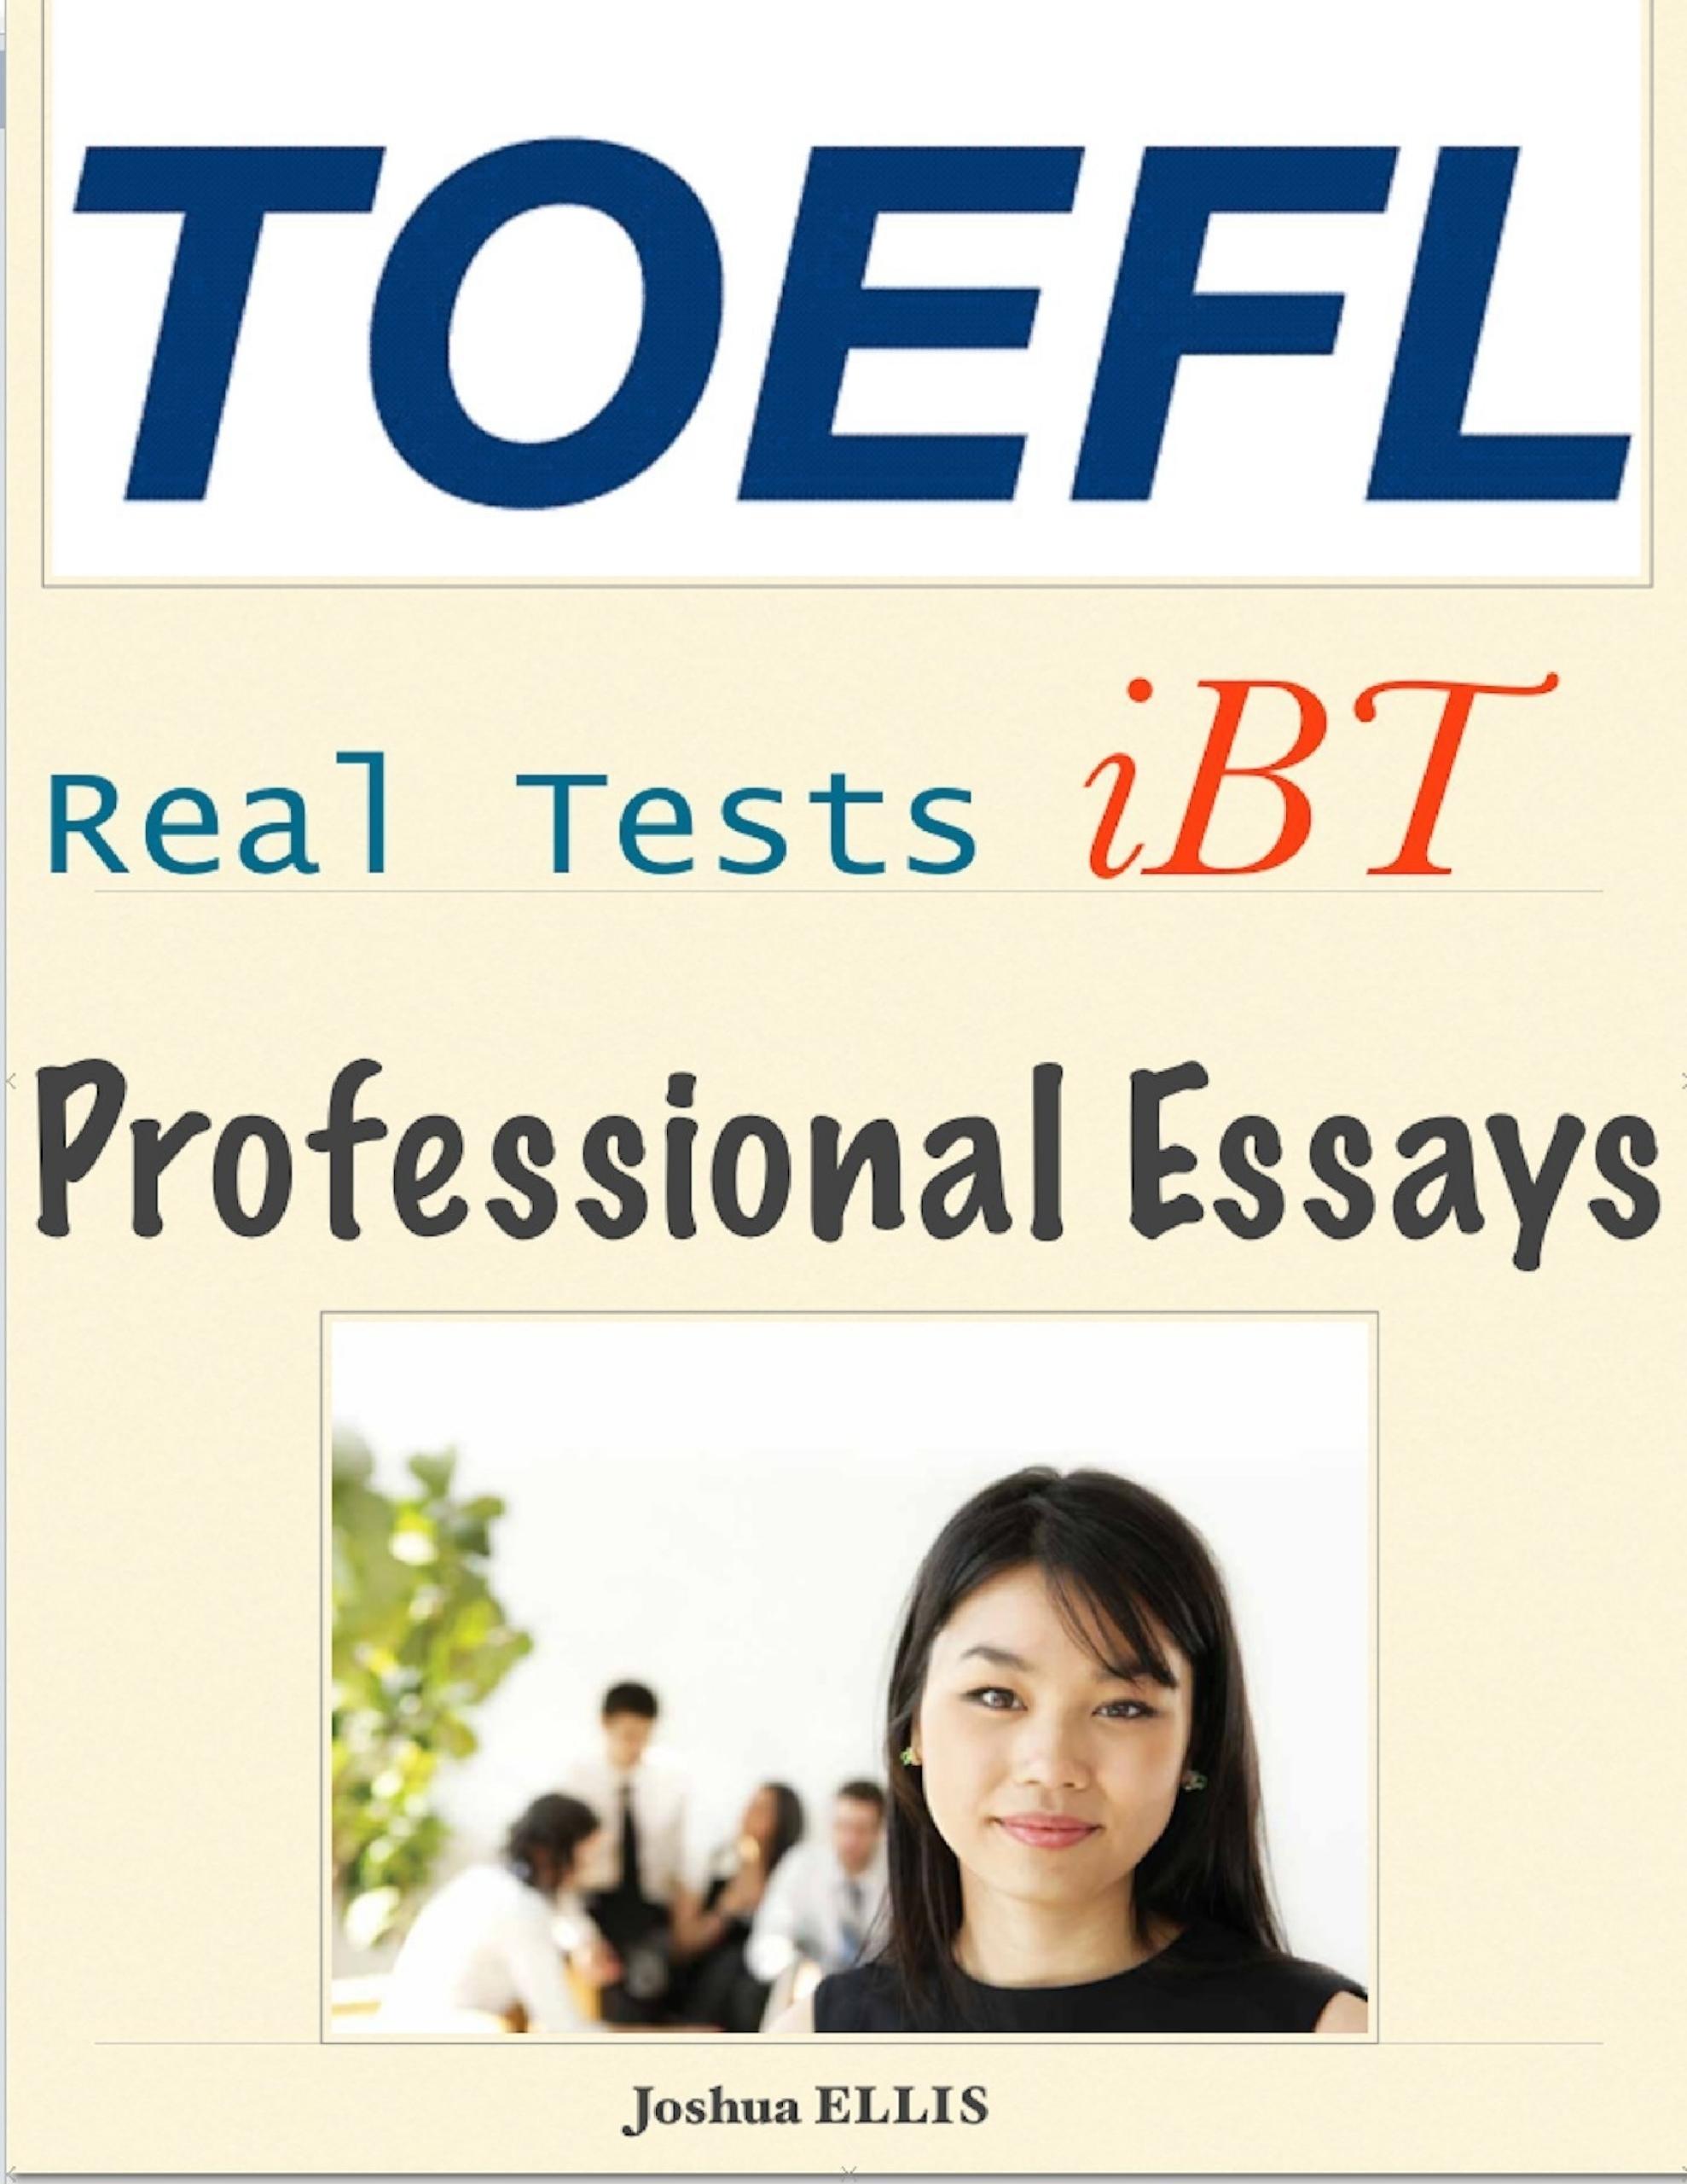 toefl essay list Twe essays 1/292 1 toefl writing 185 toefl writing topics and model essays 23,884 views share like download ankitgujrati271 follow.